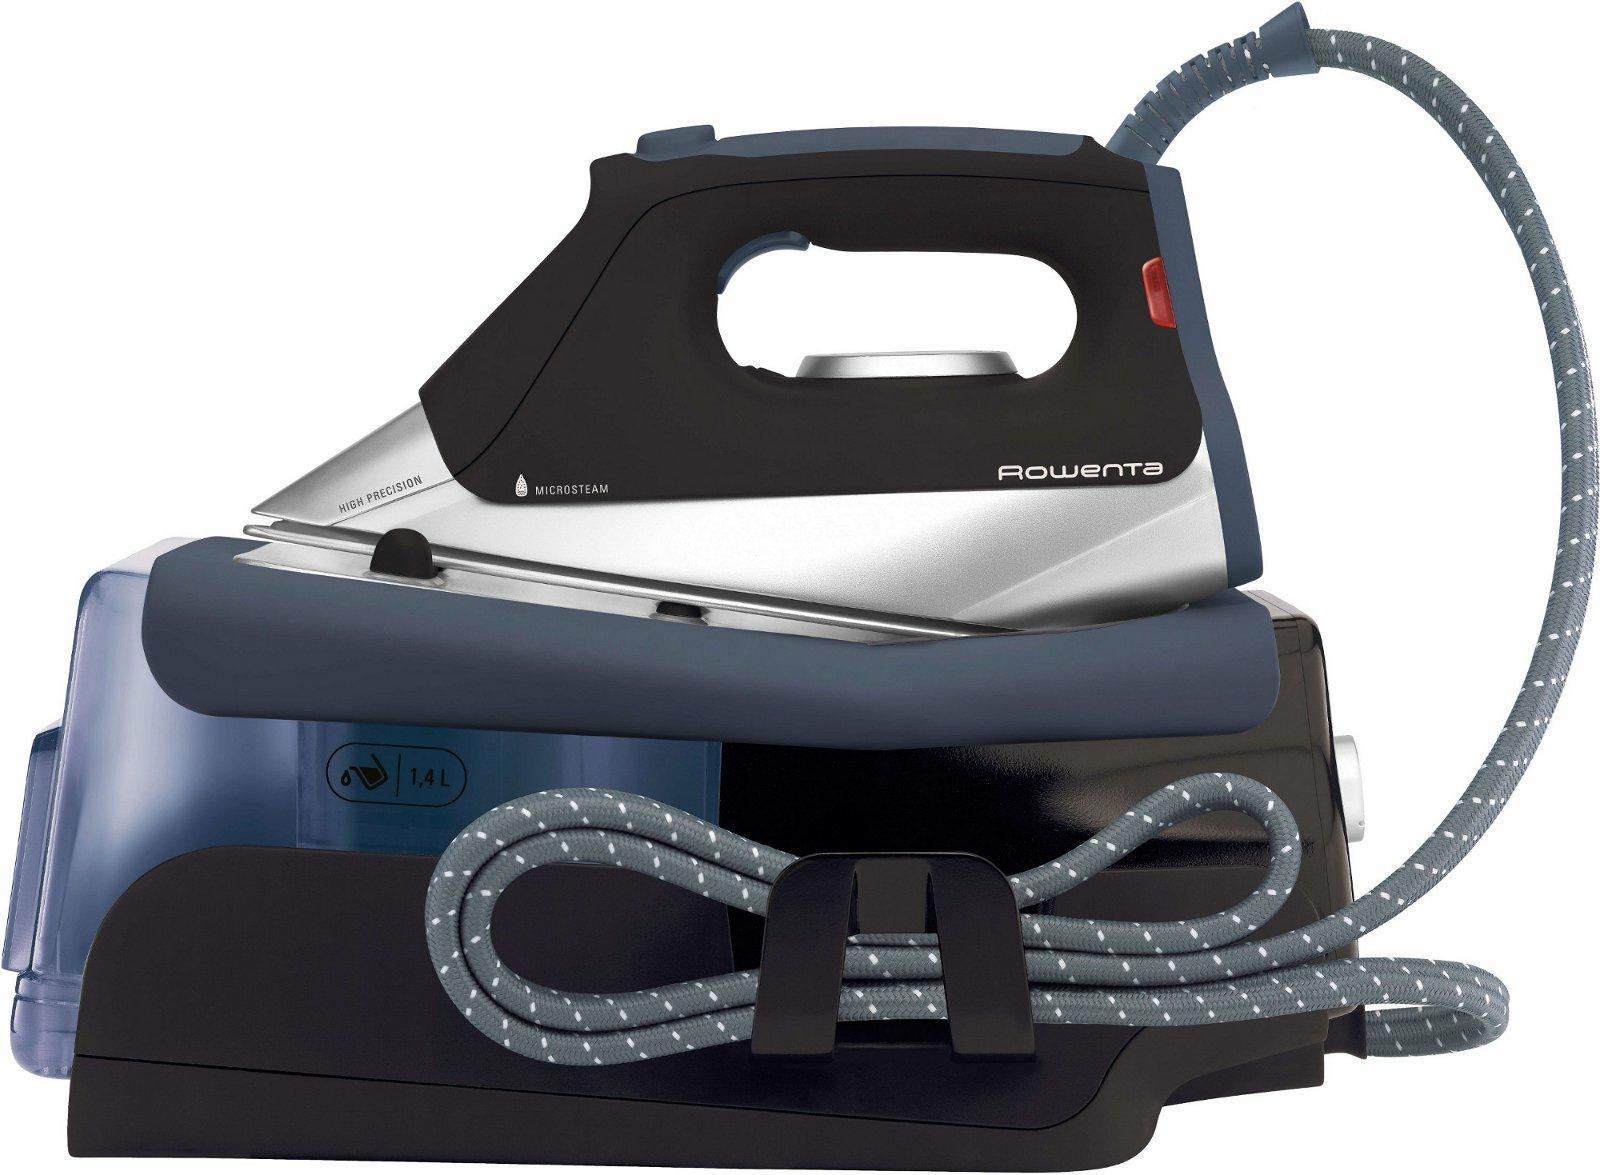 Rowenta dg 8860 pro perfect opinioni e prezzi for Prezzo ferro al kg oggi